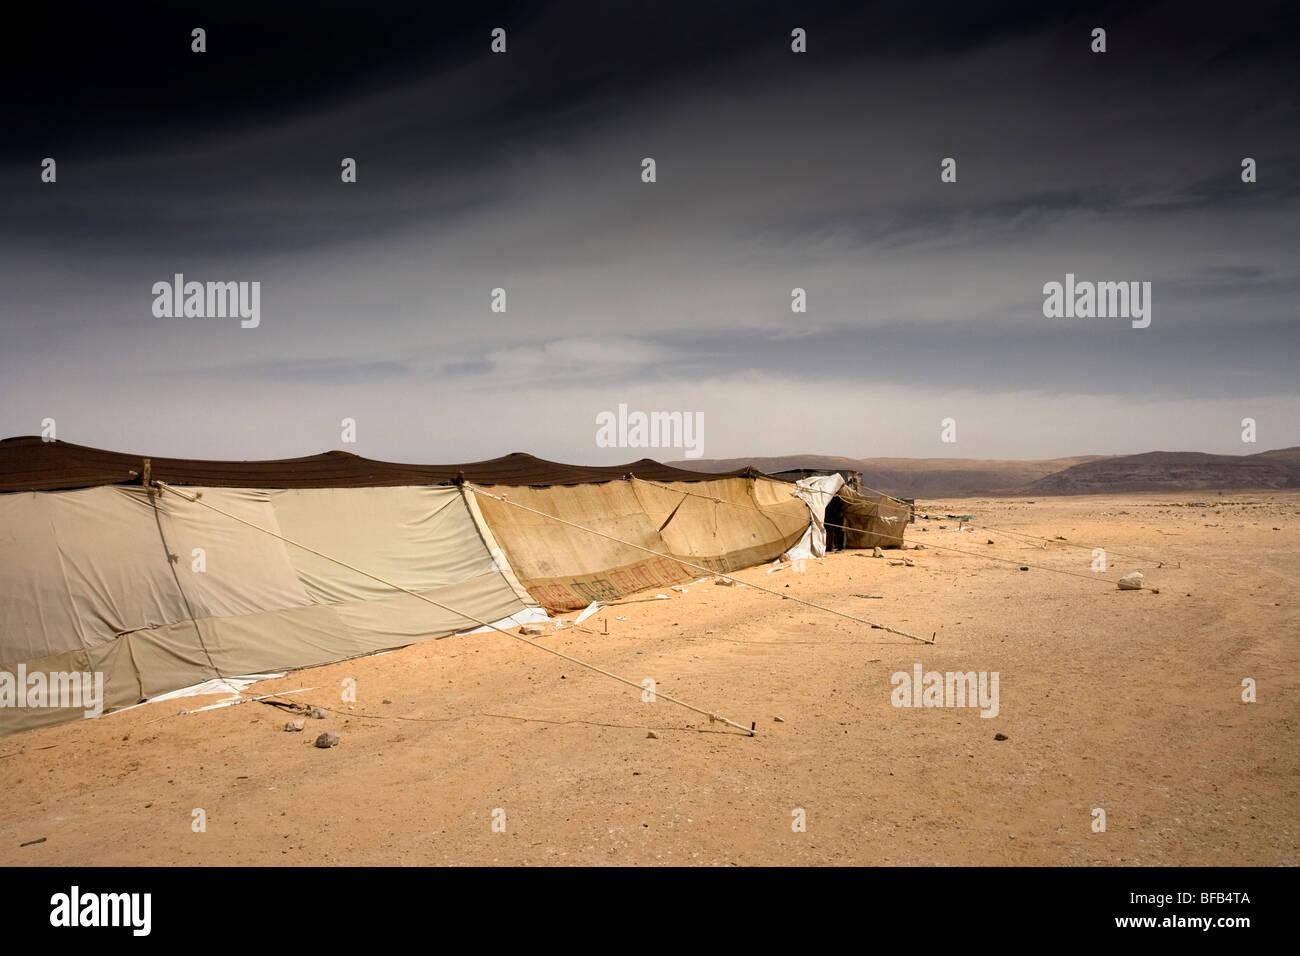 Campamento de beduinos, Wadi Rum, Jordania Imagen De Stock